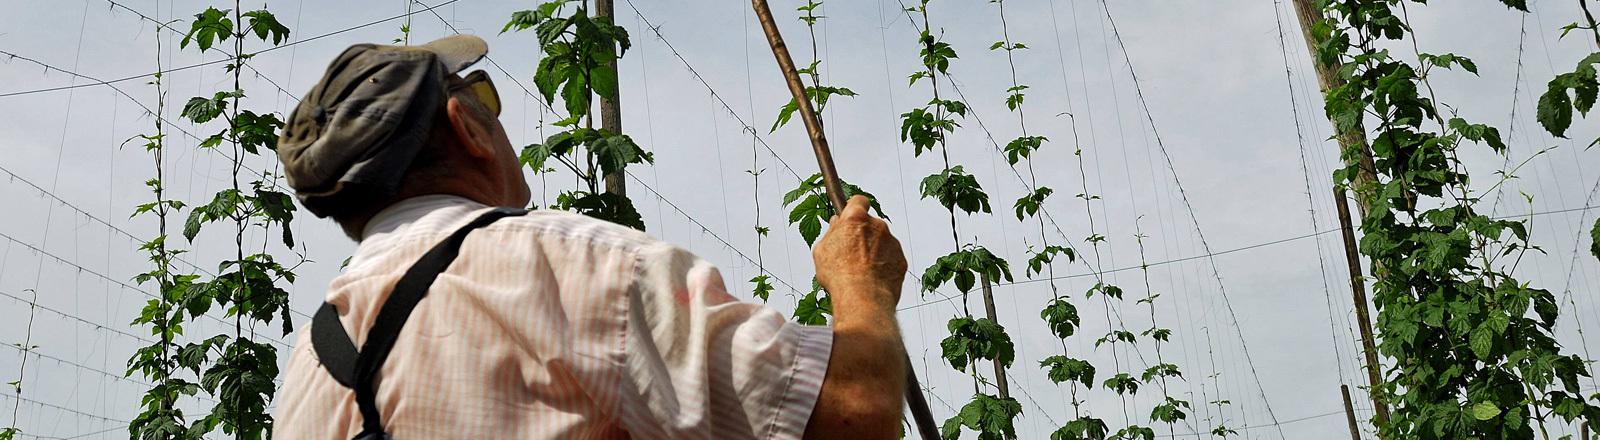 Ein Mann steht vor einer Hopfenplantage.